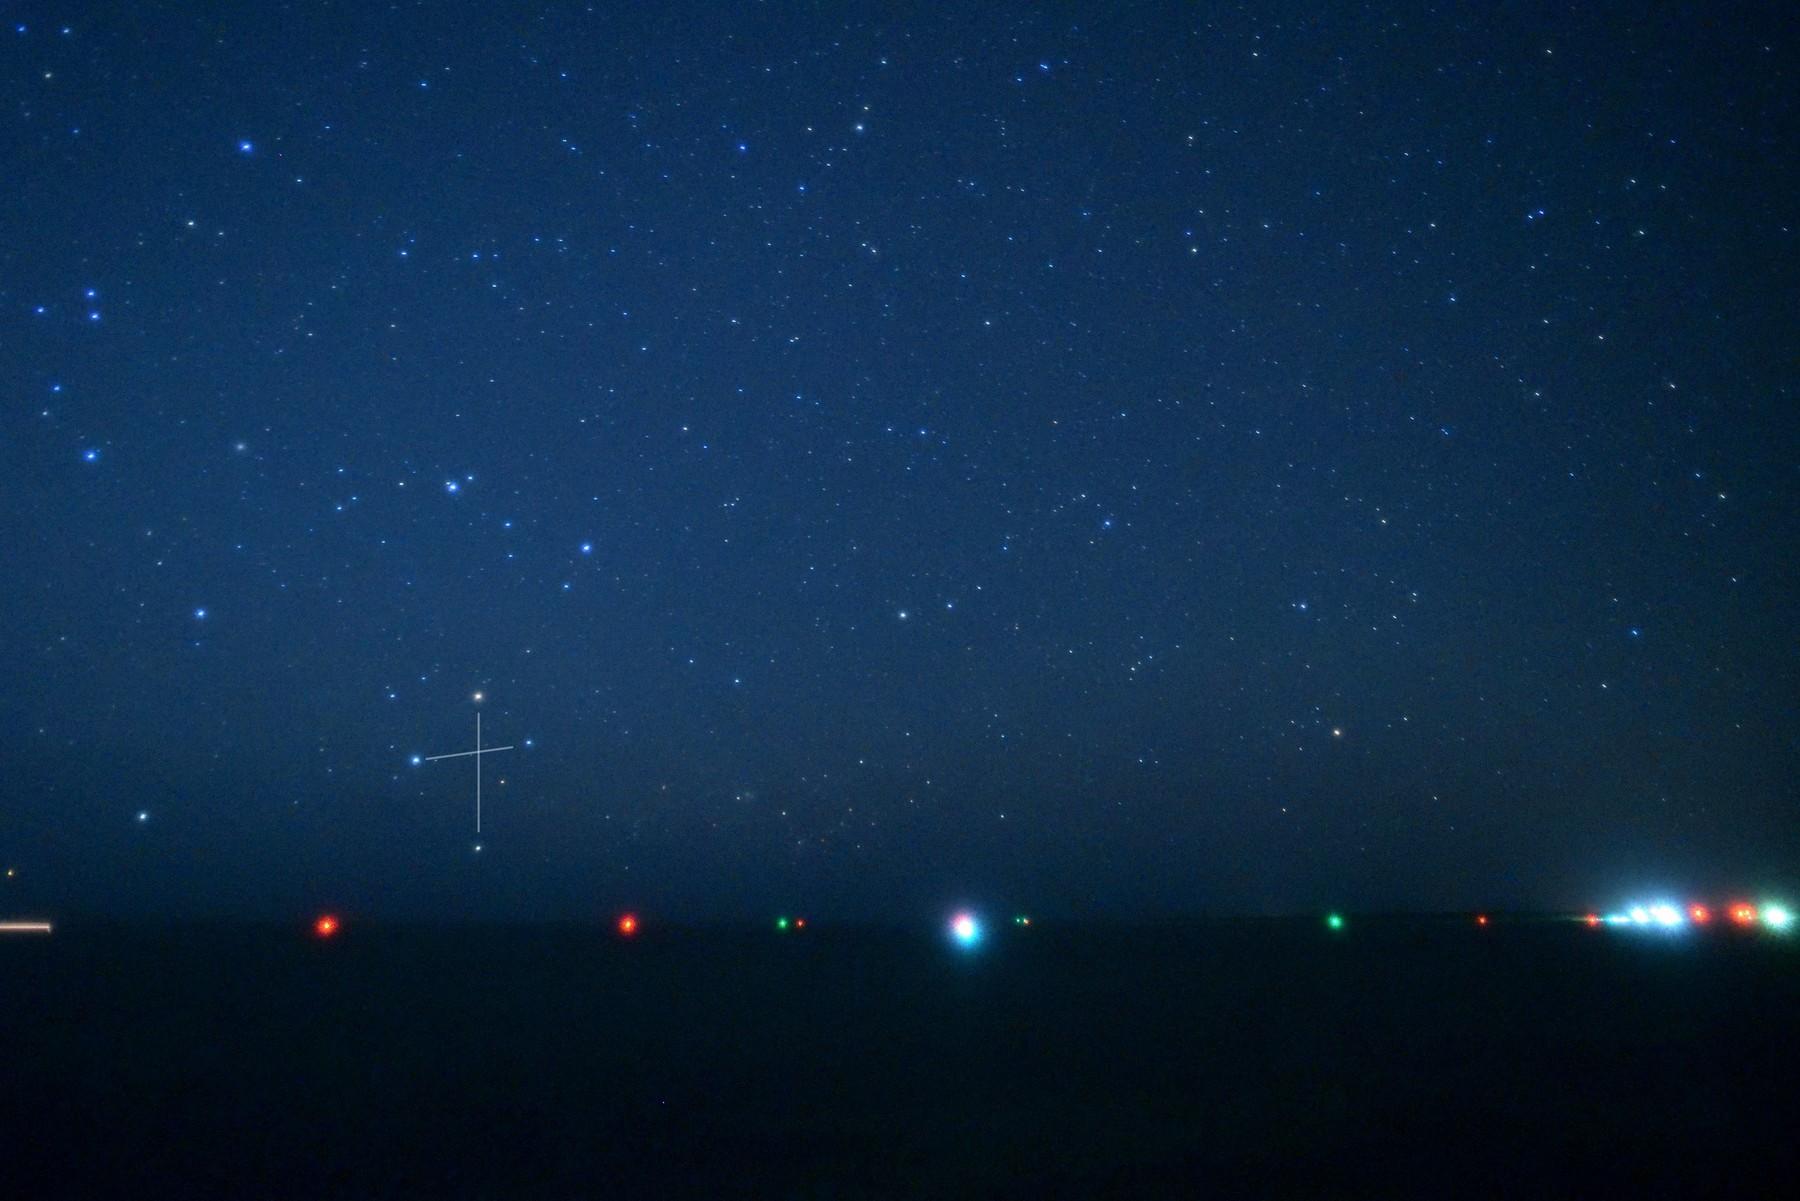 南十字星の季節到来!しゃにしゃに星空ツアーの期間中にご覧いただけます。(6月20日ごろまで)